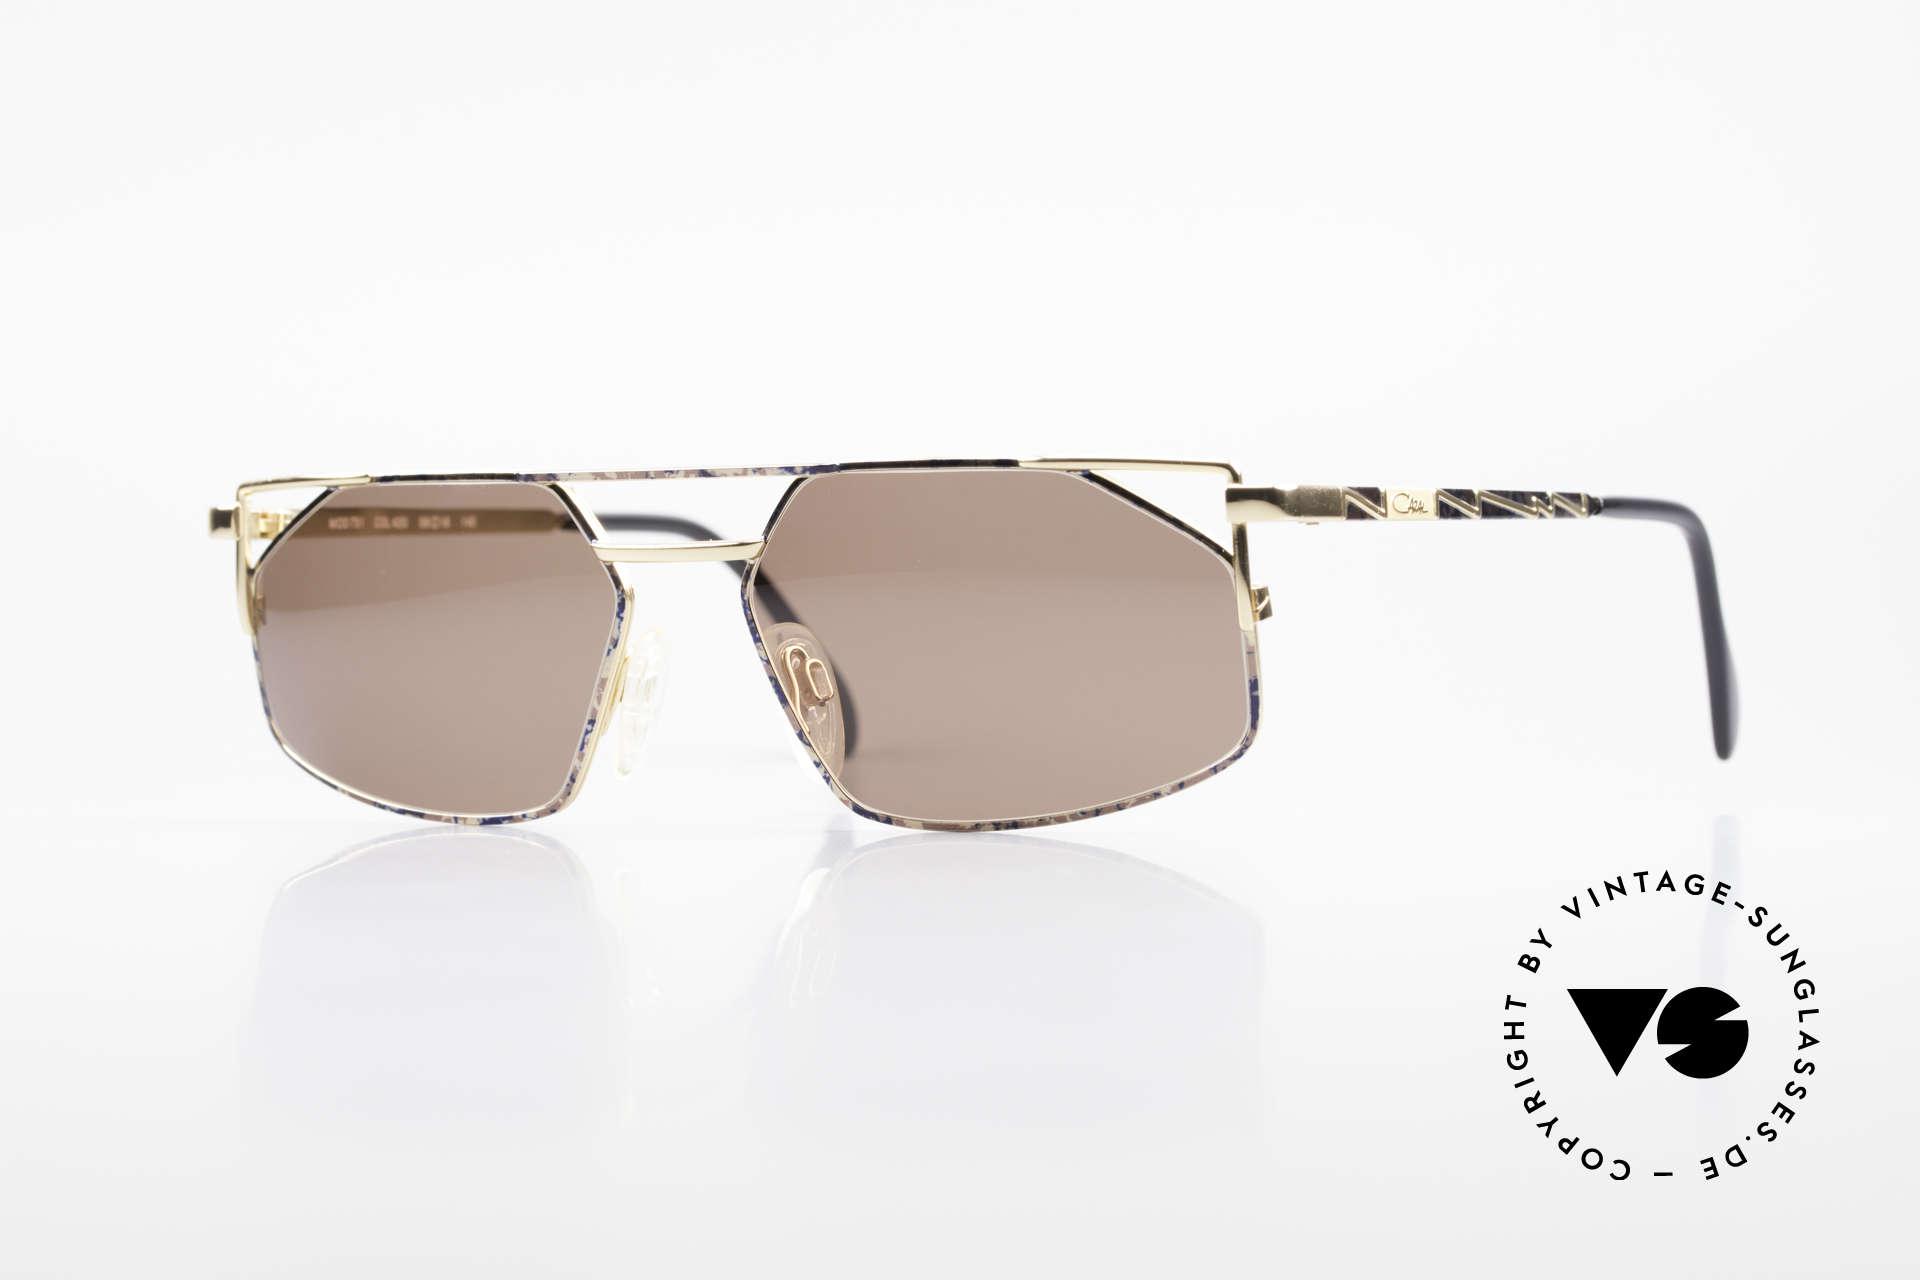 Cazal 751 Rare 90's Designer Sunglasses, RARE; top-notch sunglasses by CAZAL from 1993/94, Made for Men